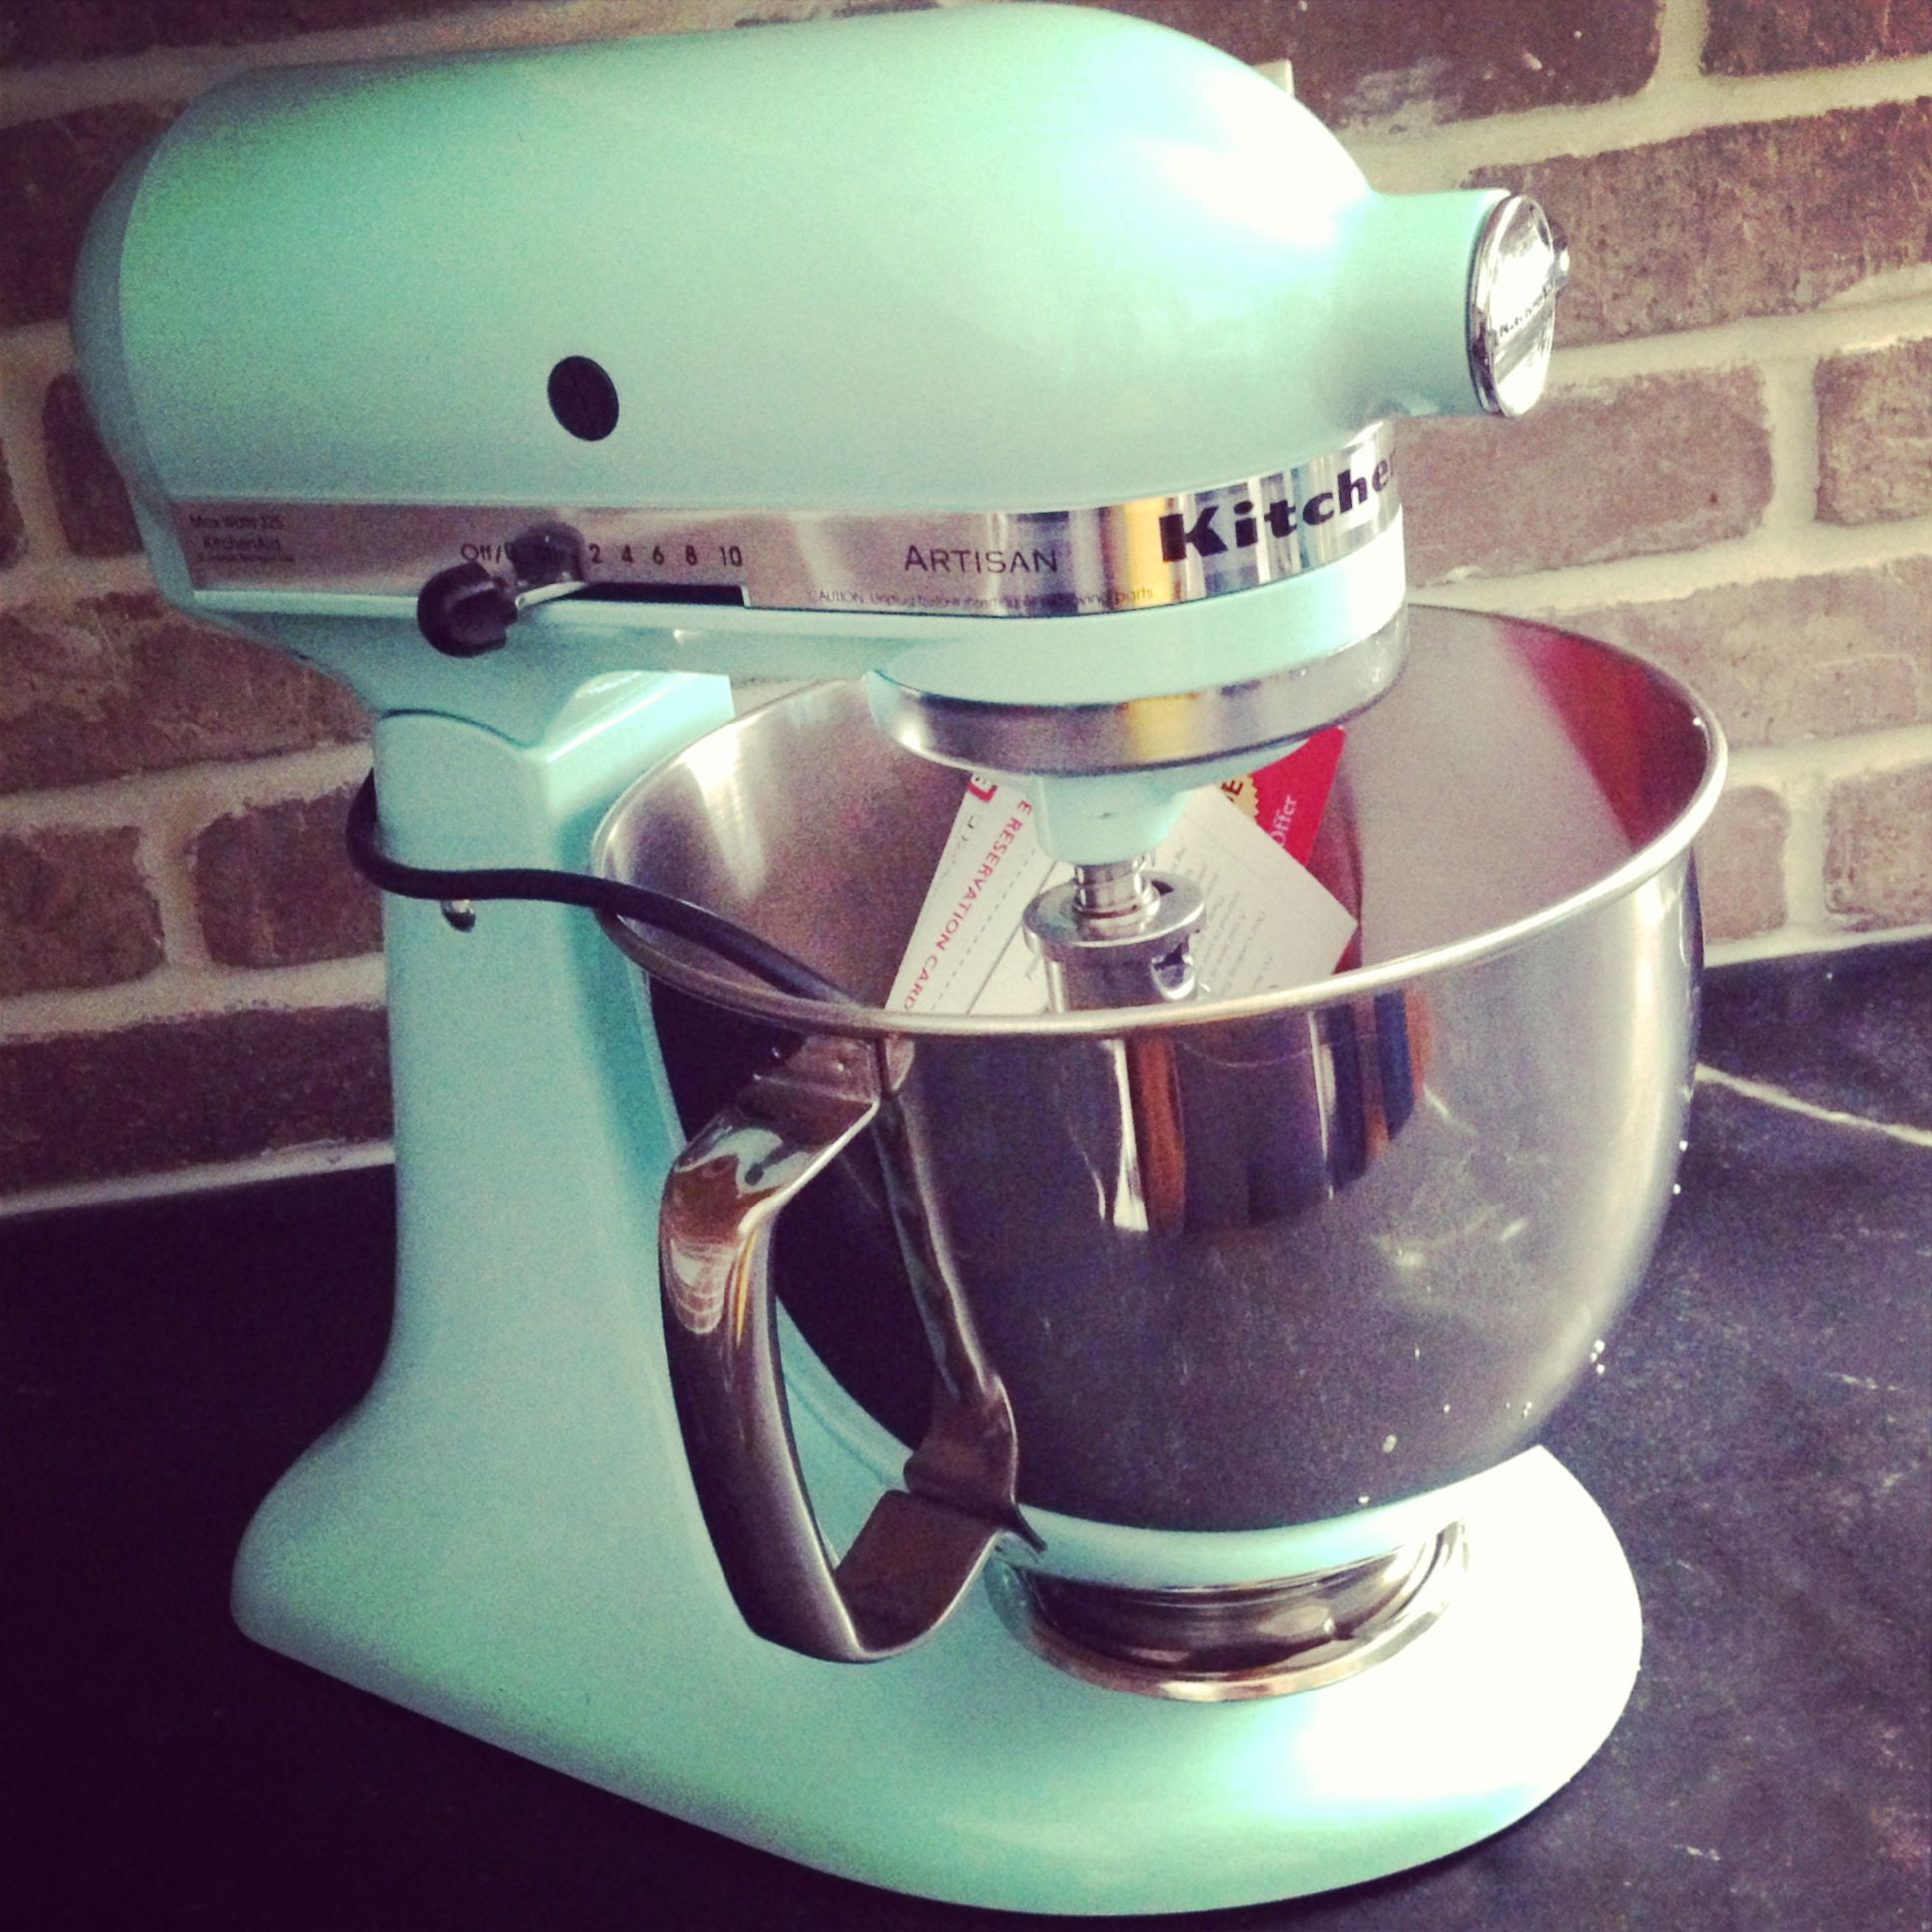 Aqua sky kitchenaid stand mixer yay turquoise kitchen